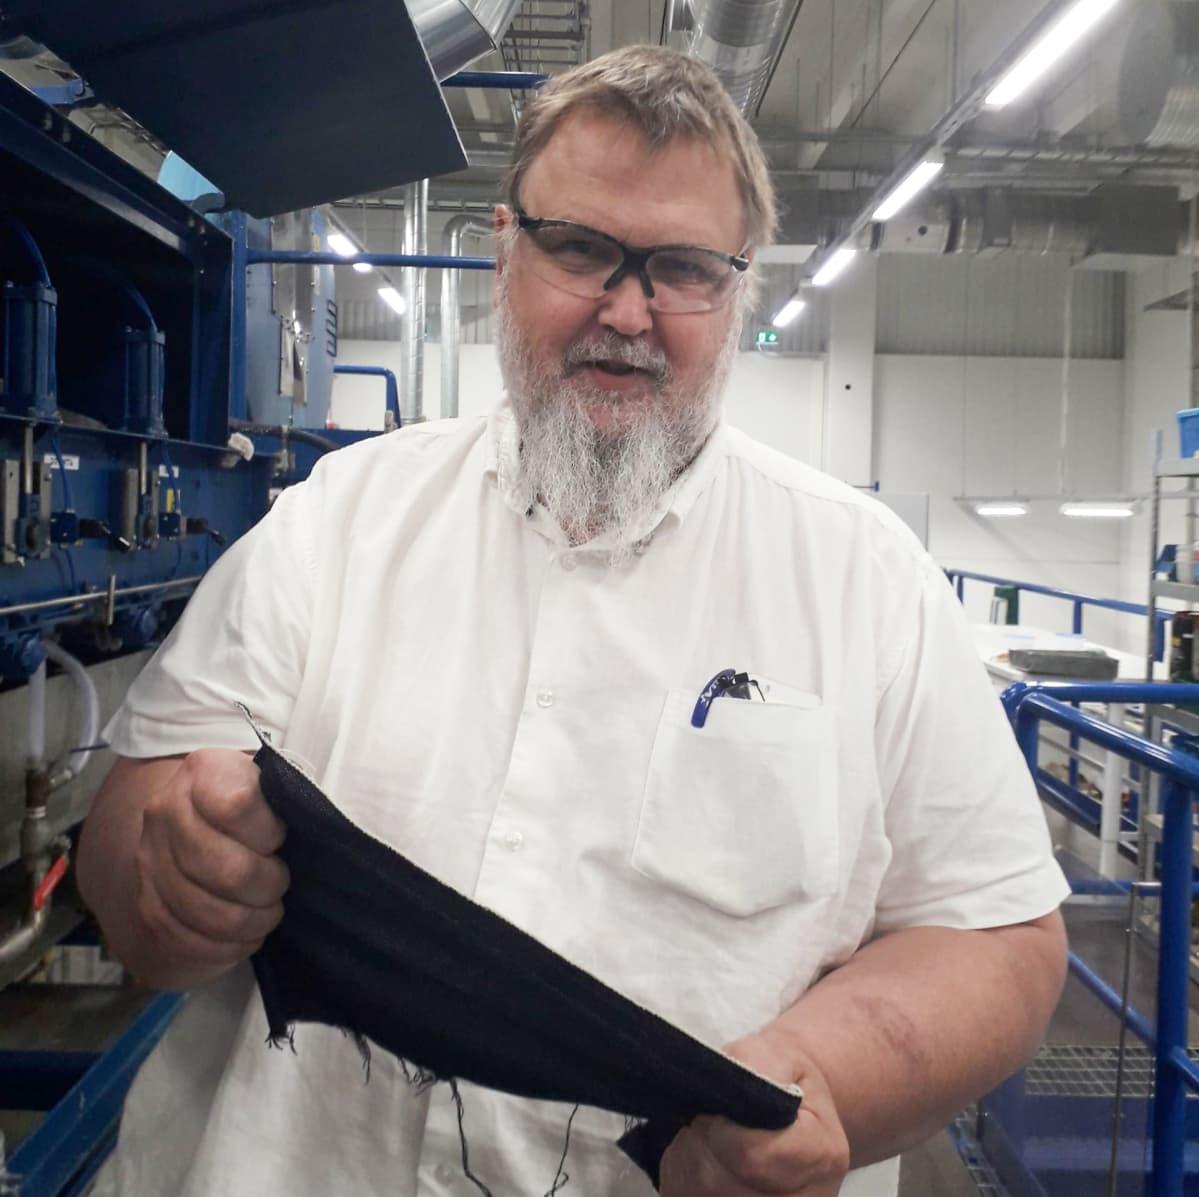 Teknologian kehittämiskeskus VTT:n tutkimusprofessori Ali Harlin esittelee kierrätetystä kuidusta valmistettua farkkukangasta.